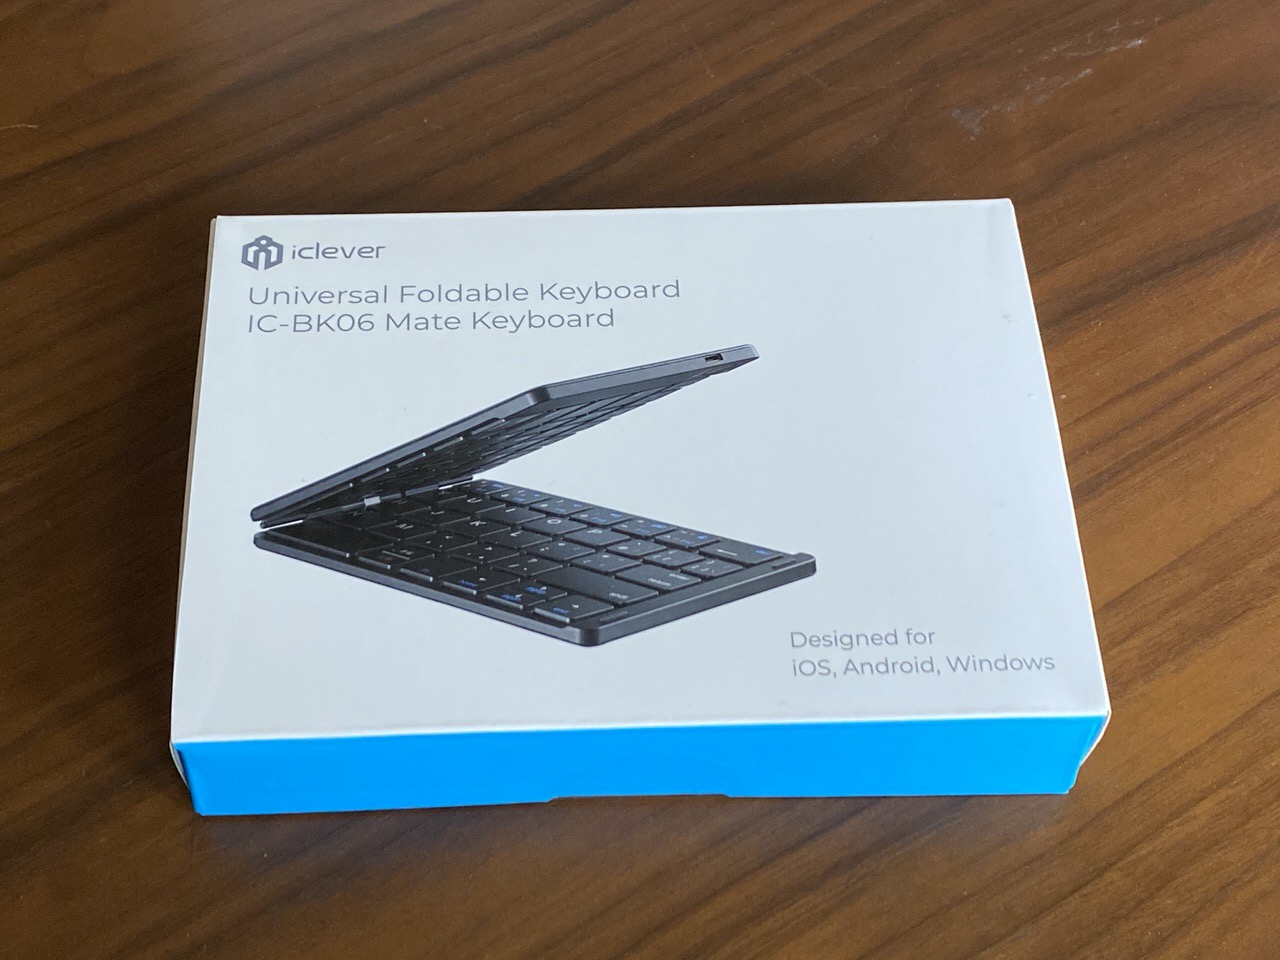 2,899円のBluetooth5.1対応の折りたたみキーボード「IC-BK06Mate」届いたので試し打ちしてみた